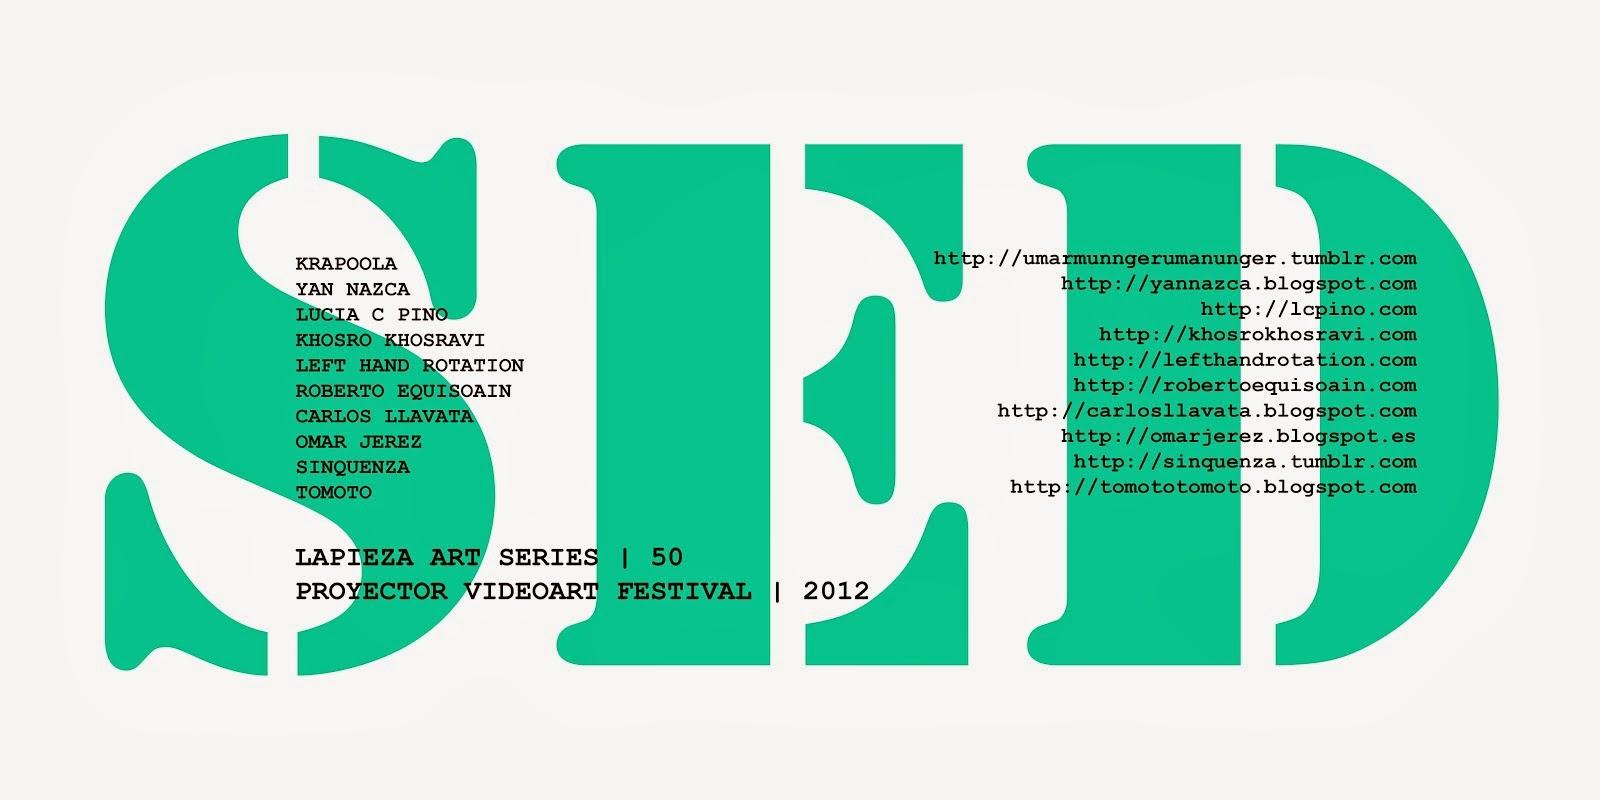 50 | SED | 2012 - VIDEOART